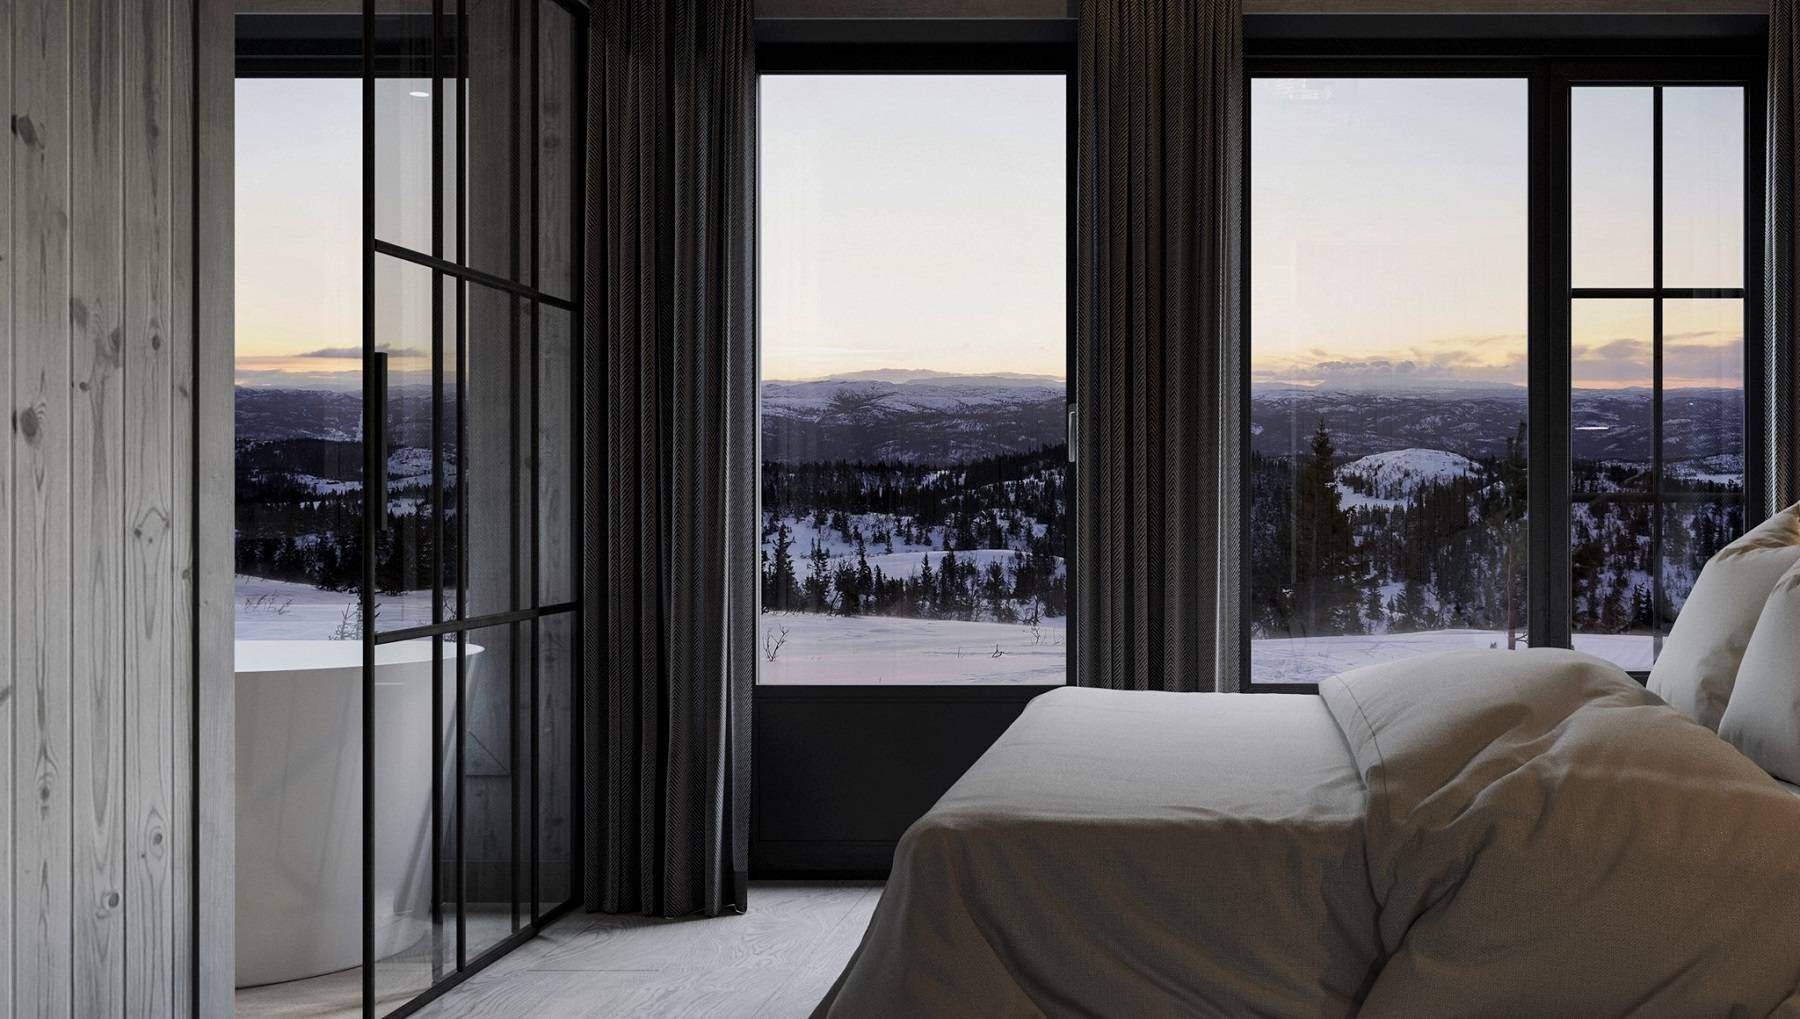 224 Master soverommet har dør ut til terrassene med utendørs bad og bålplassen – Hyttemodell Geilo 155